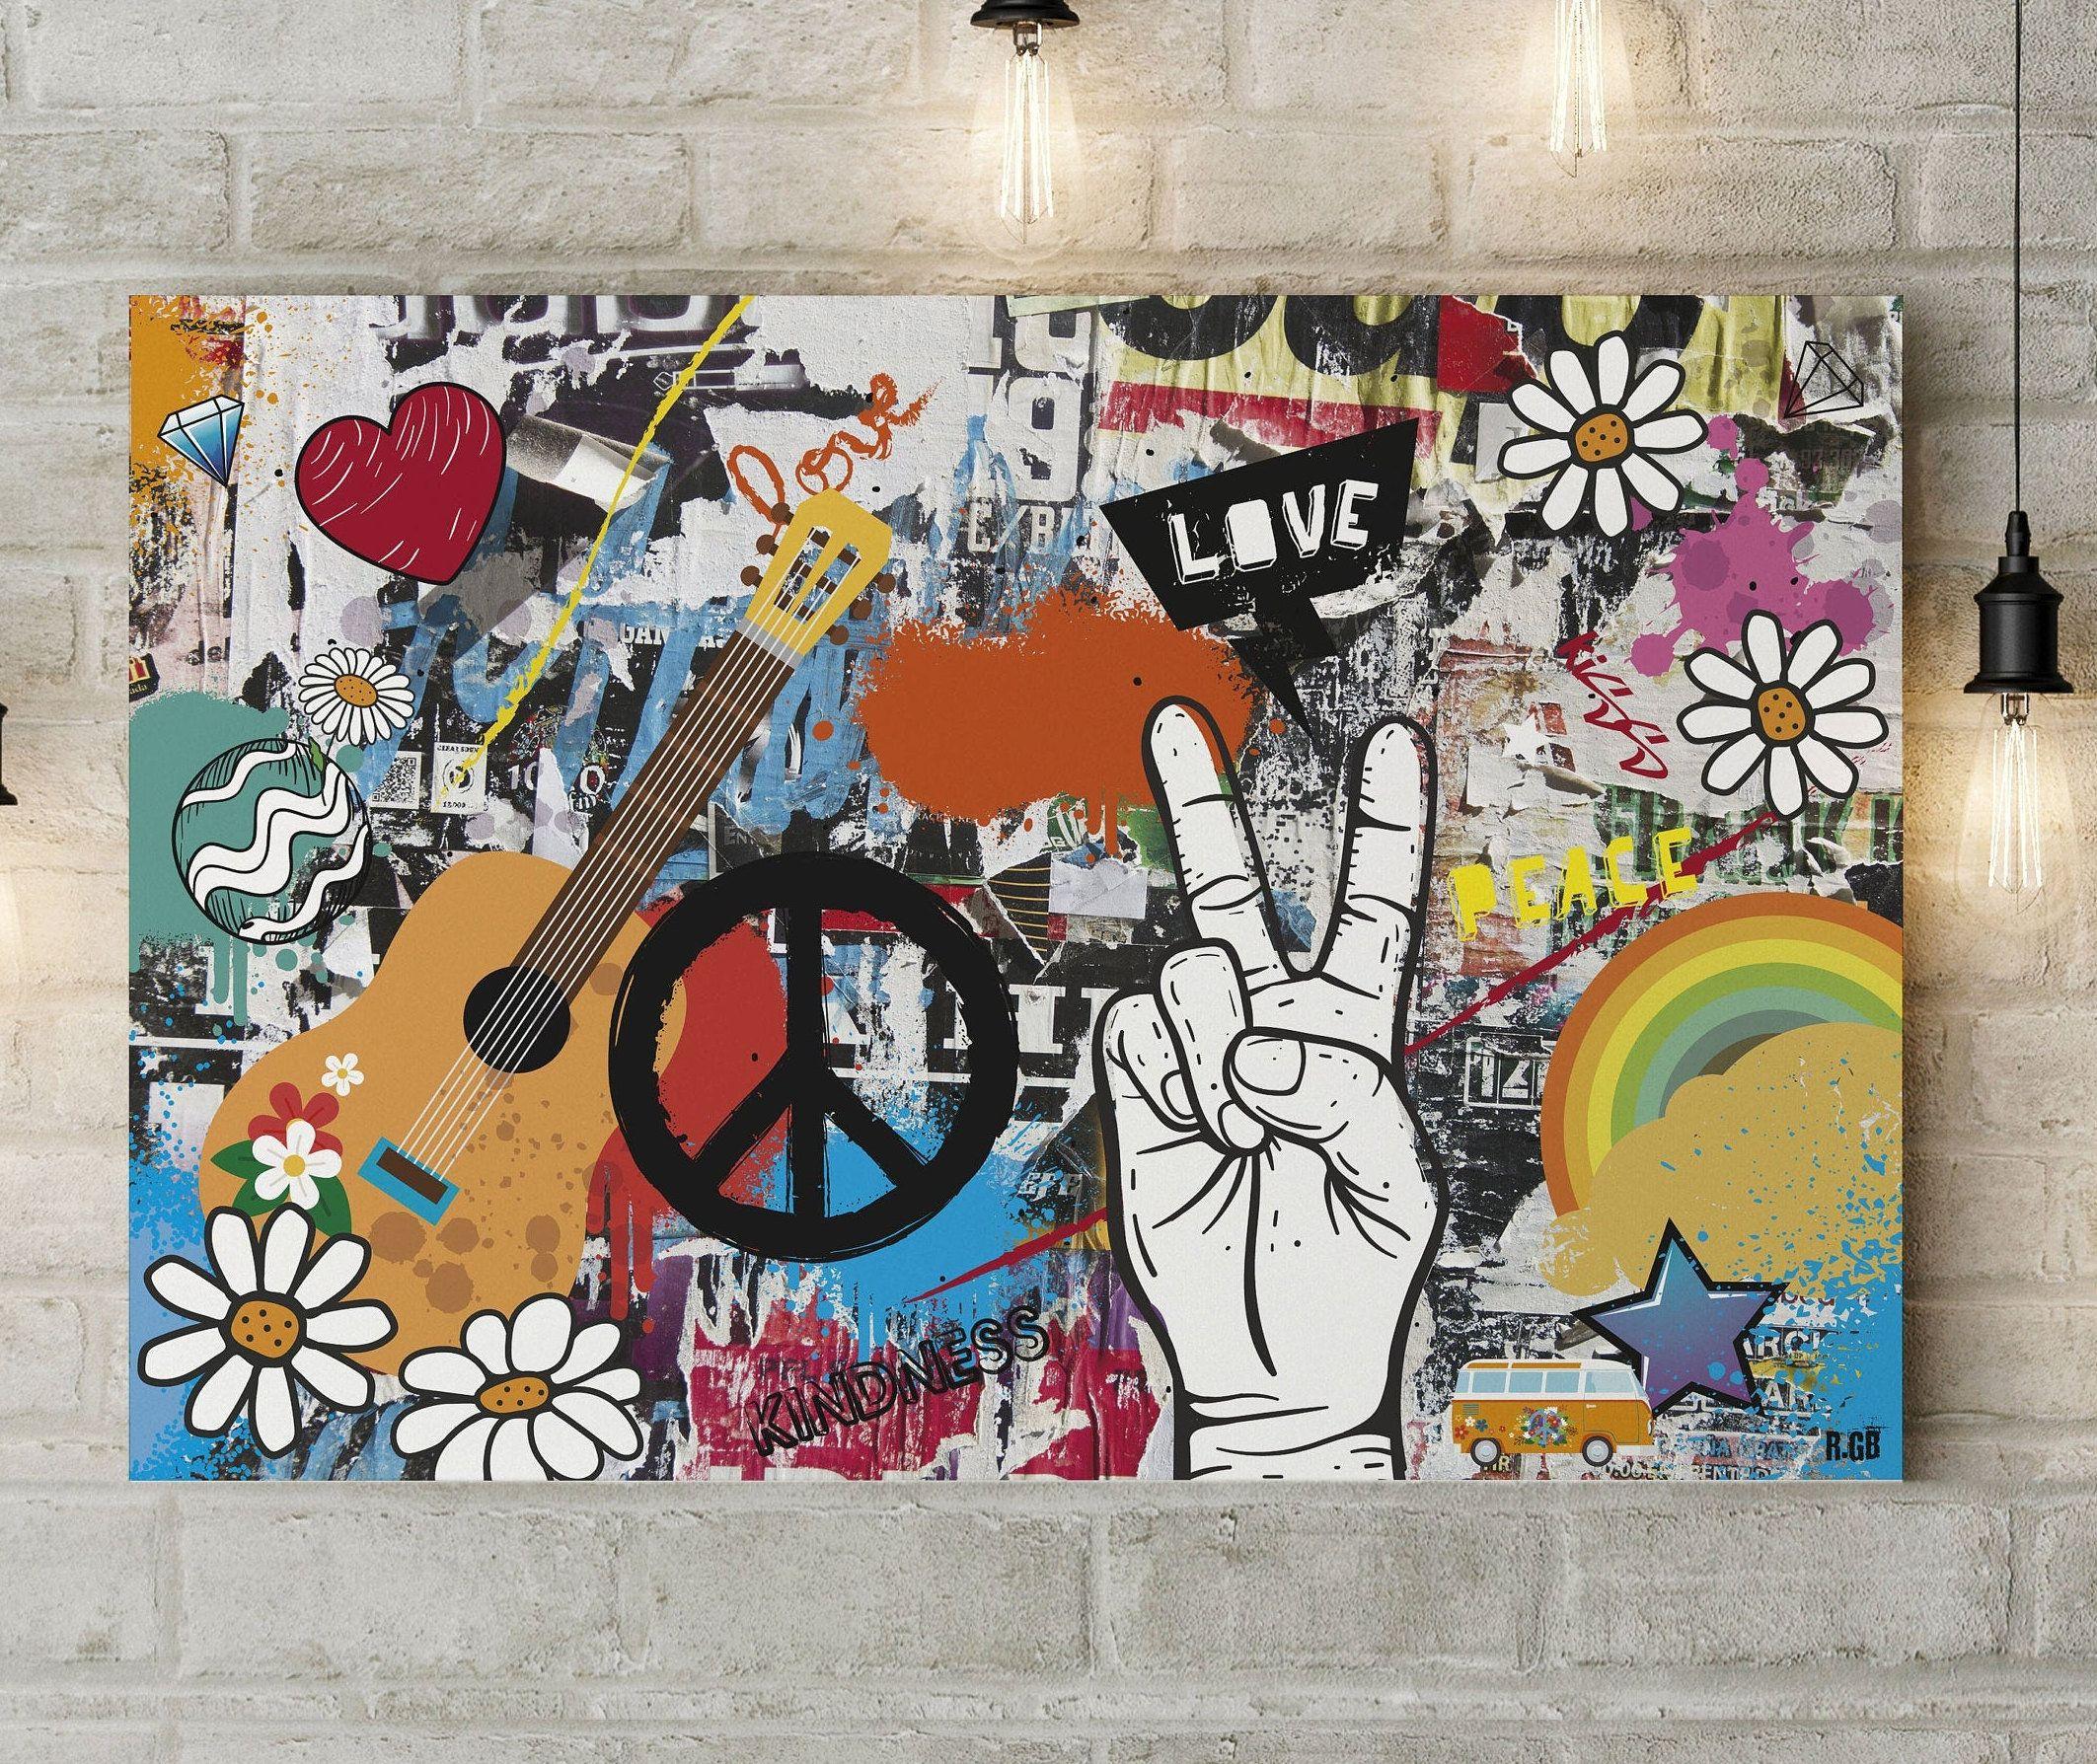 90x60cm Impression Sur Toile Tableau Street Art Graffiti Etsy Street Art Graffiti Street Art Quotes Graffiti Wall Art